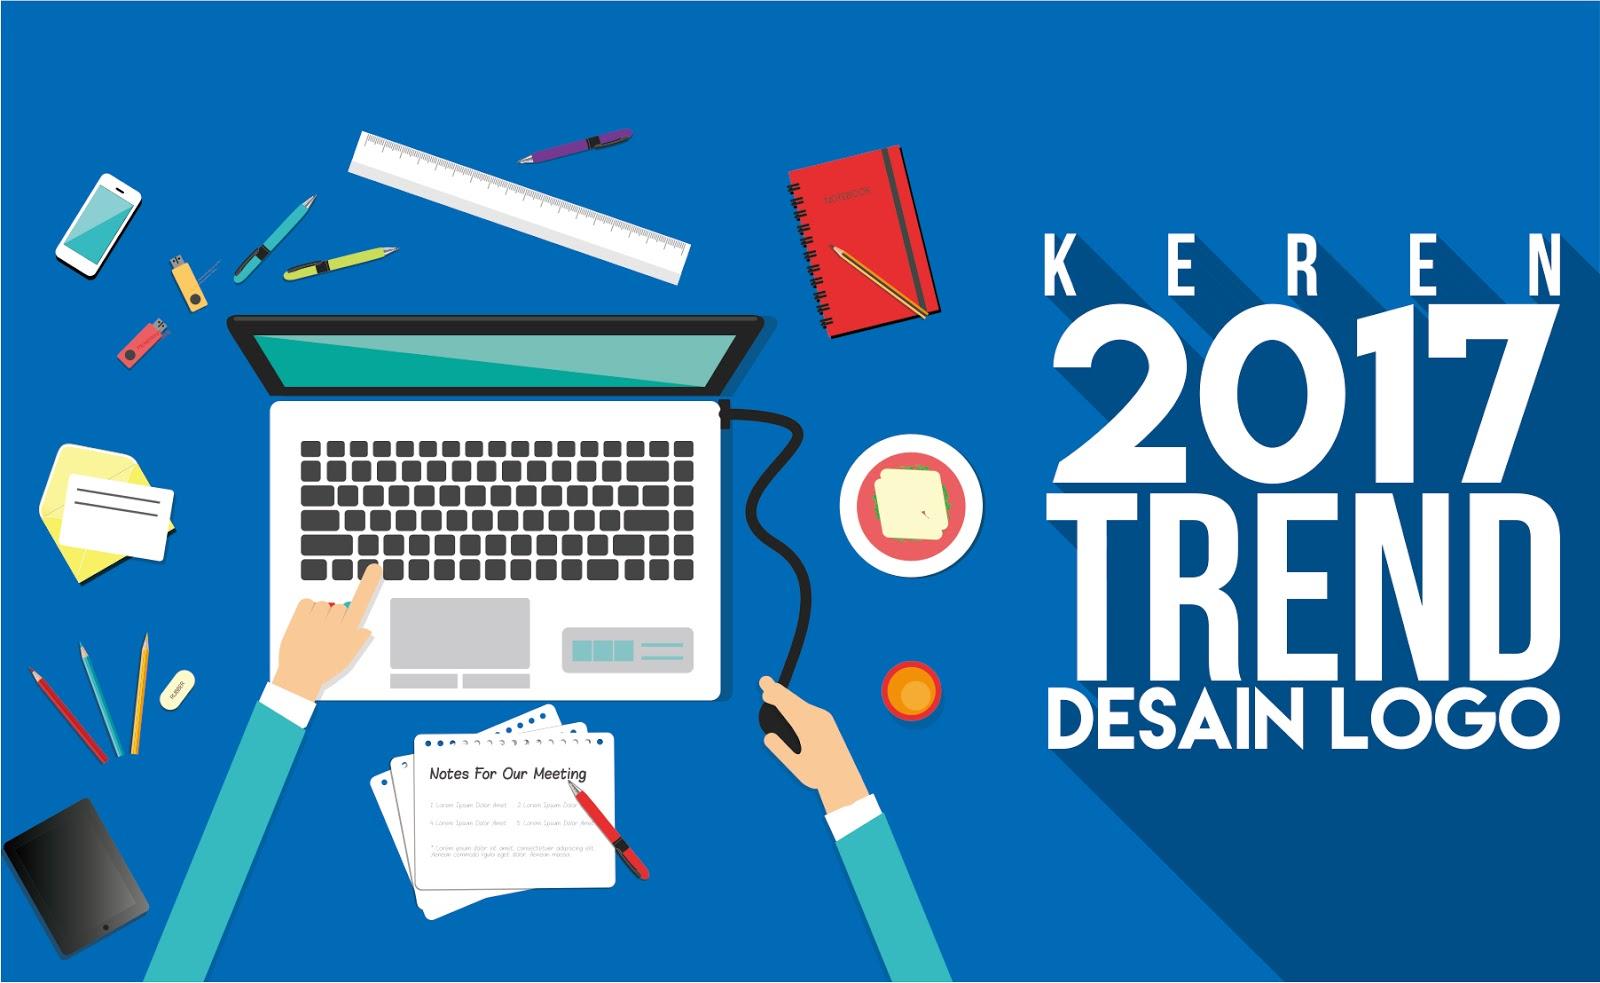 trend desain logo tahun 2017 keren karya bercerita